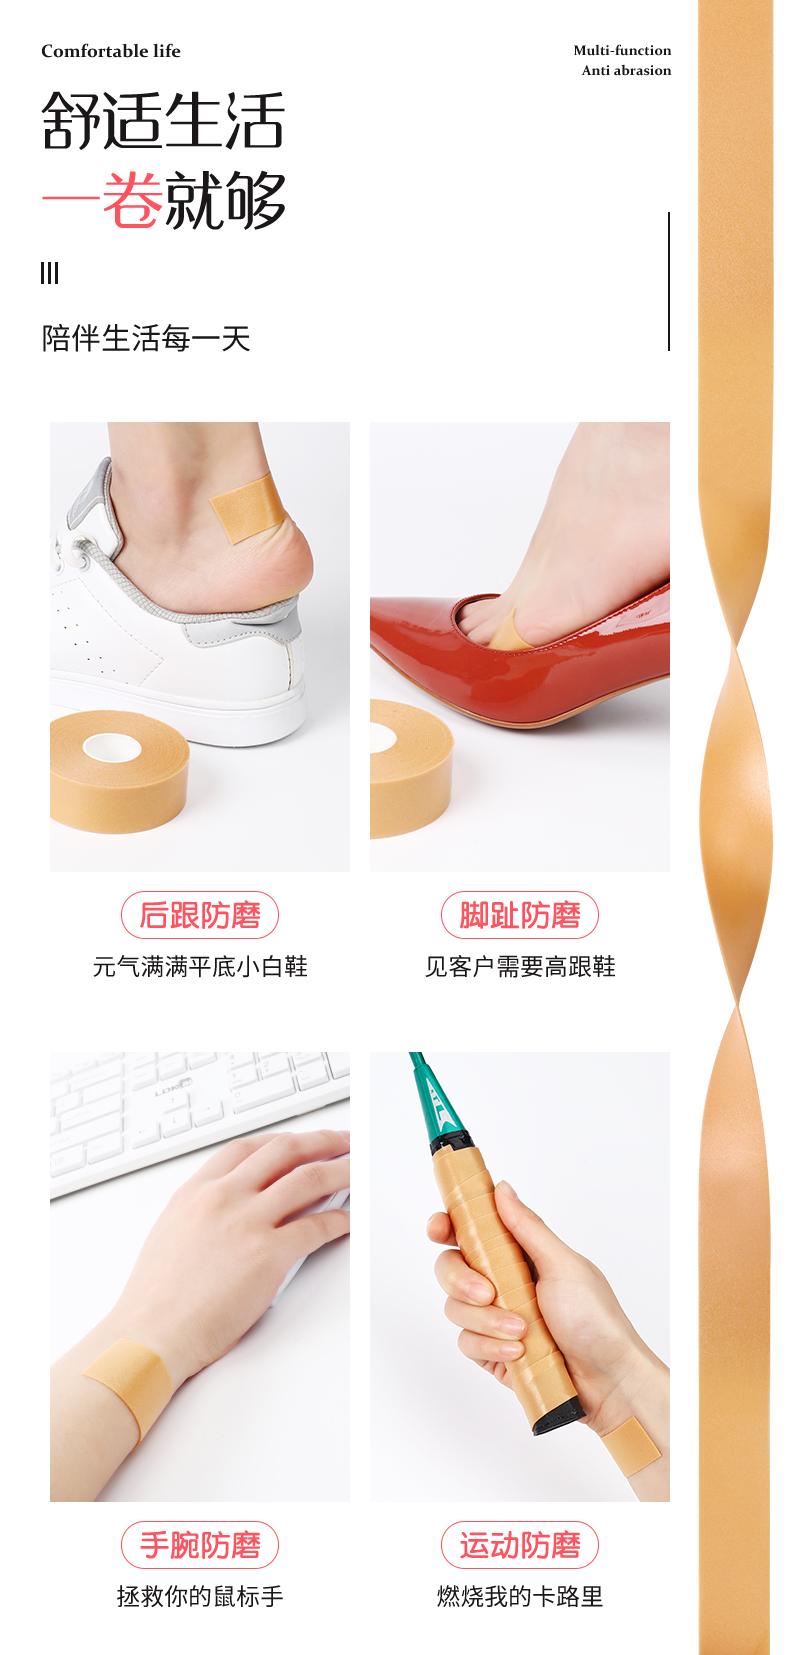 防磨脚神器后跟贴防掉跟高跟鞋防磨贴脚后跟贴磨脚贴脚后跟贴随意贴详细照片